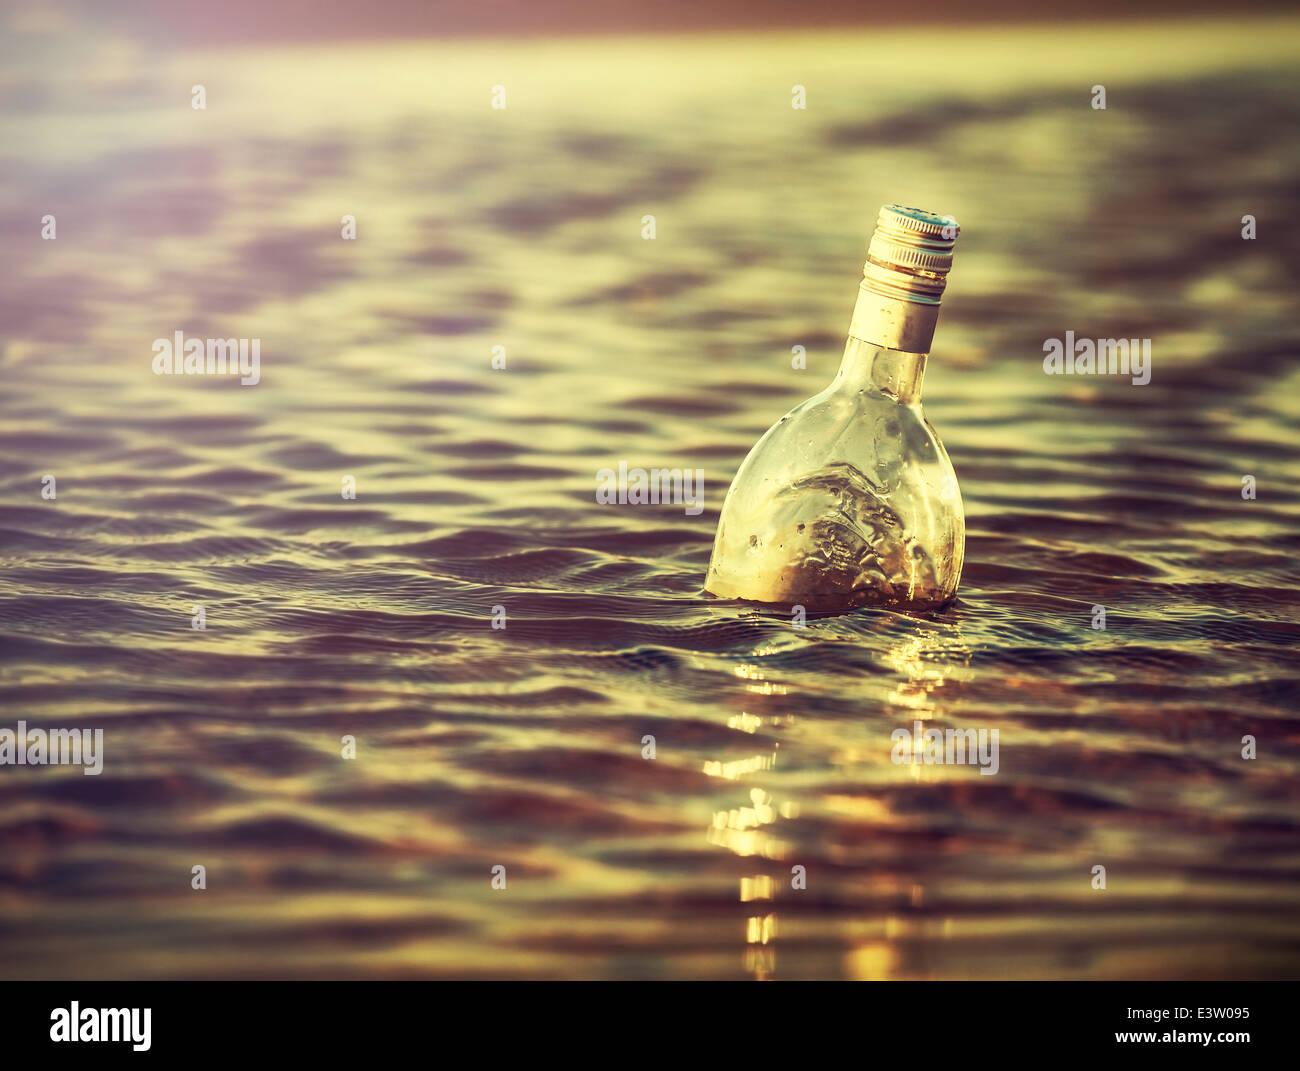 L'eau en bouteille au coucher du soleil, instagram rétro effet vintage. Photo Stock